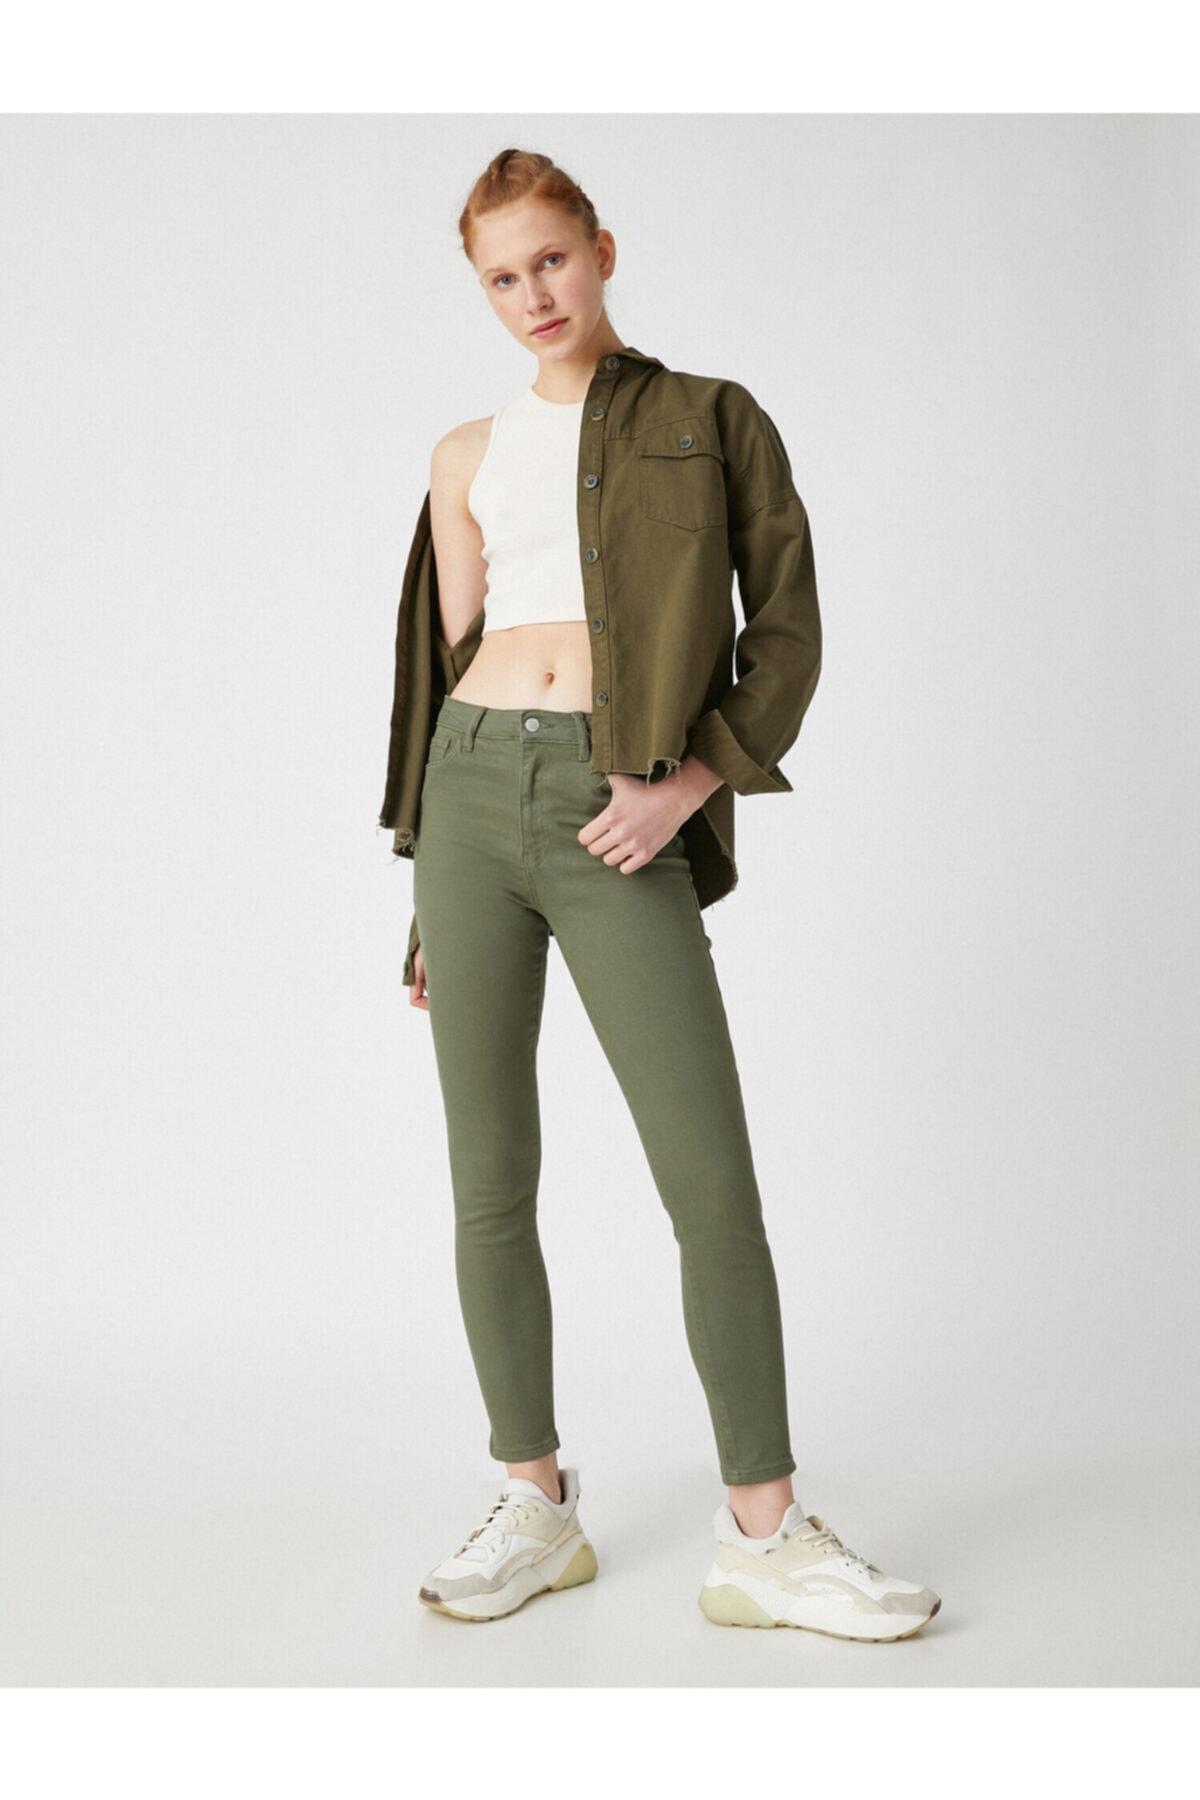 Kadın Carmen Jean - Yüksek Bel Dar Kesim Dar Paça Pantolon